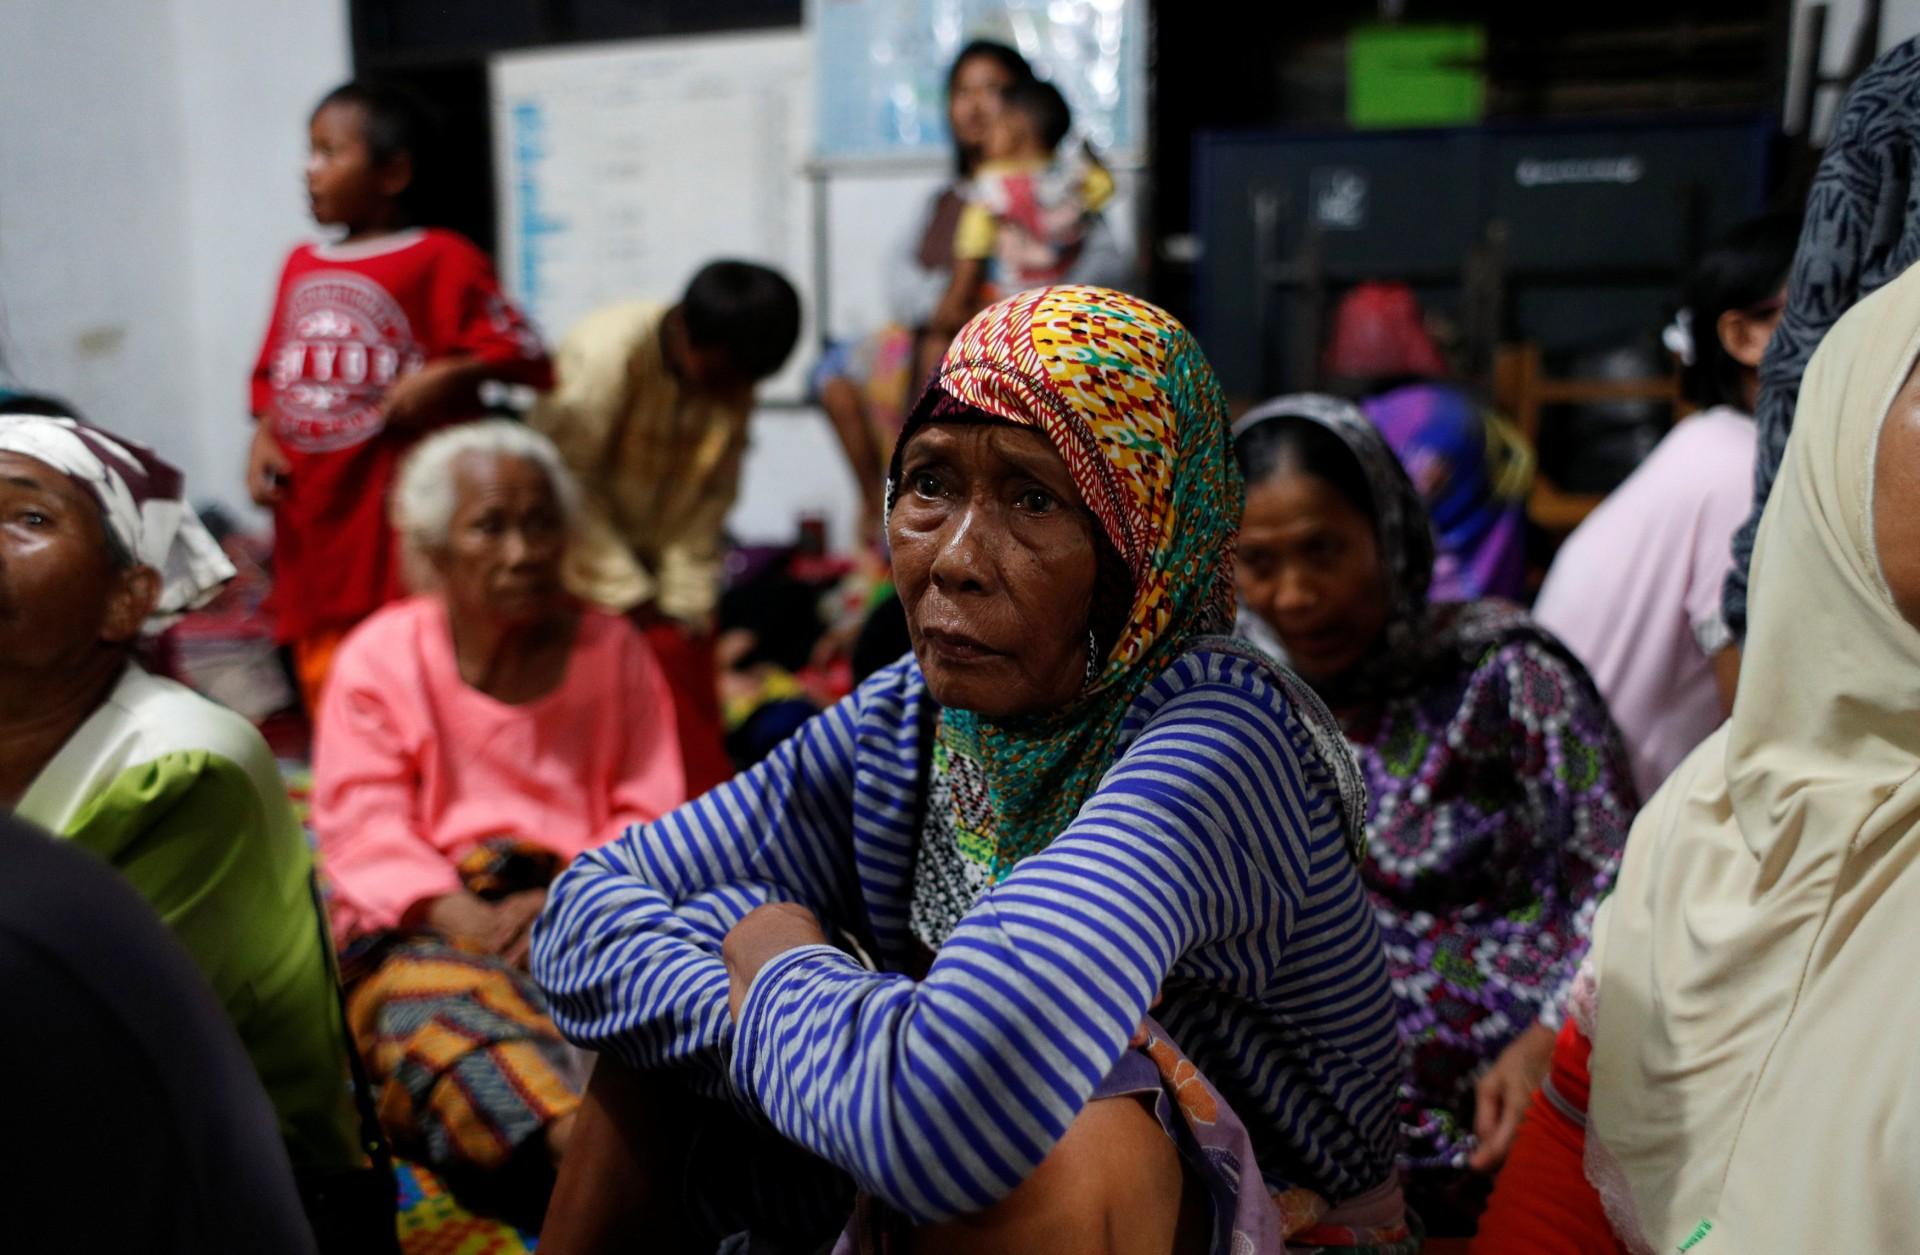 La gente descansa en un centro de evacuación en el ayuntamiento de Sidamukti después de un tsunami en la provincia de Banten, Indonesia, el 24 de diciembre de 2018.